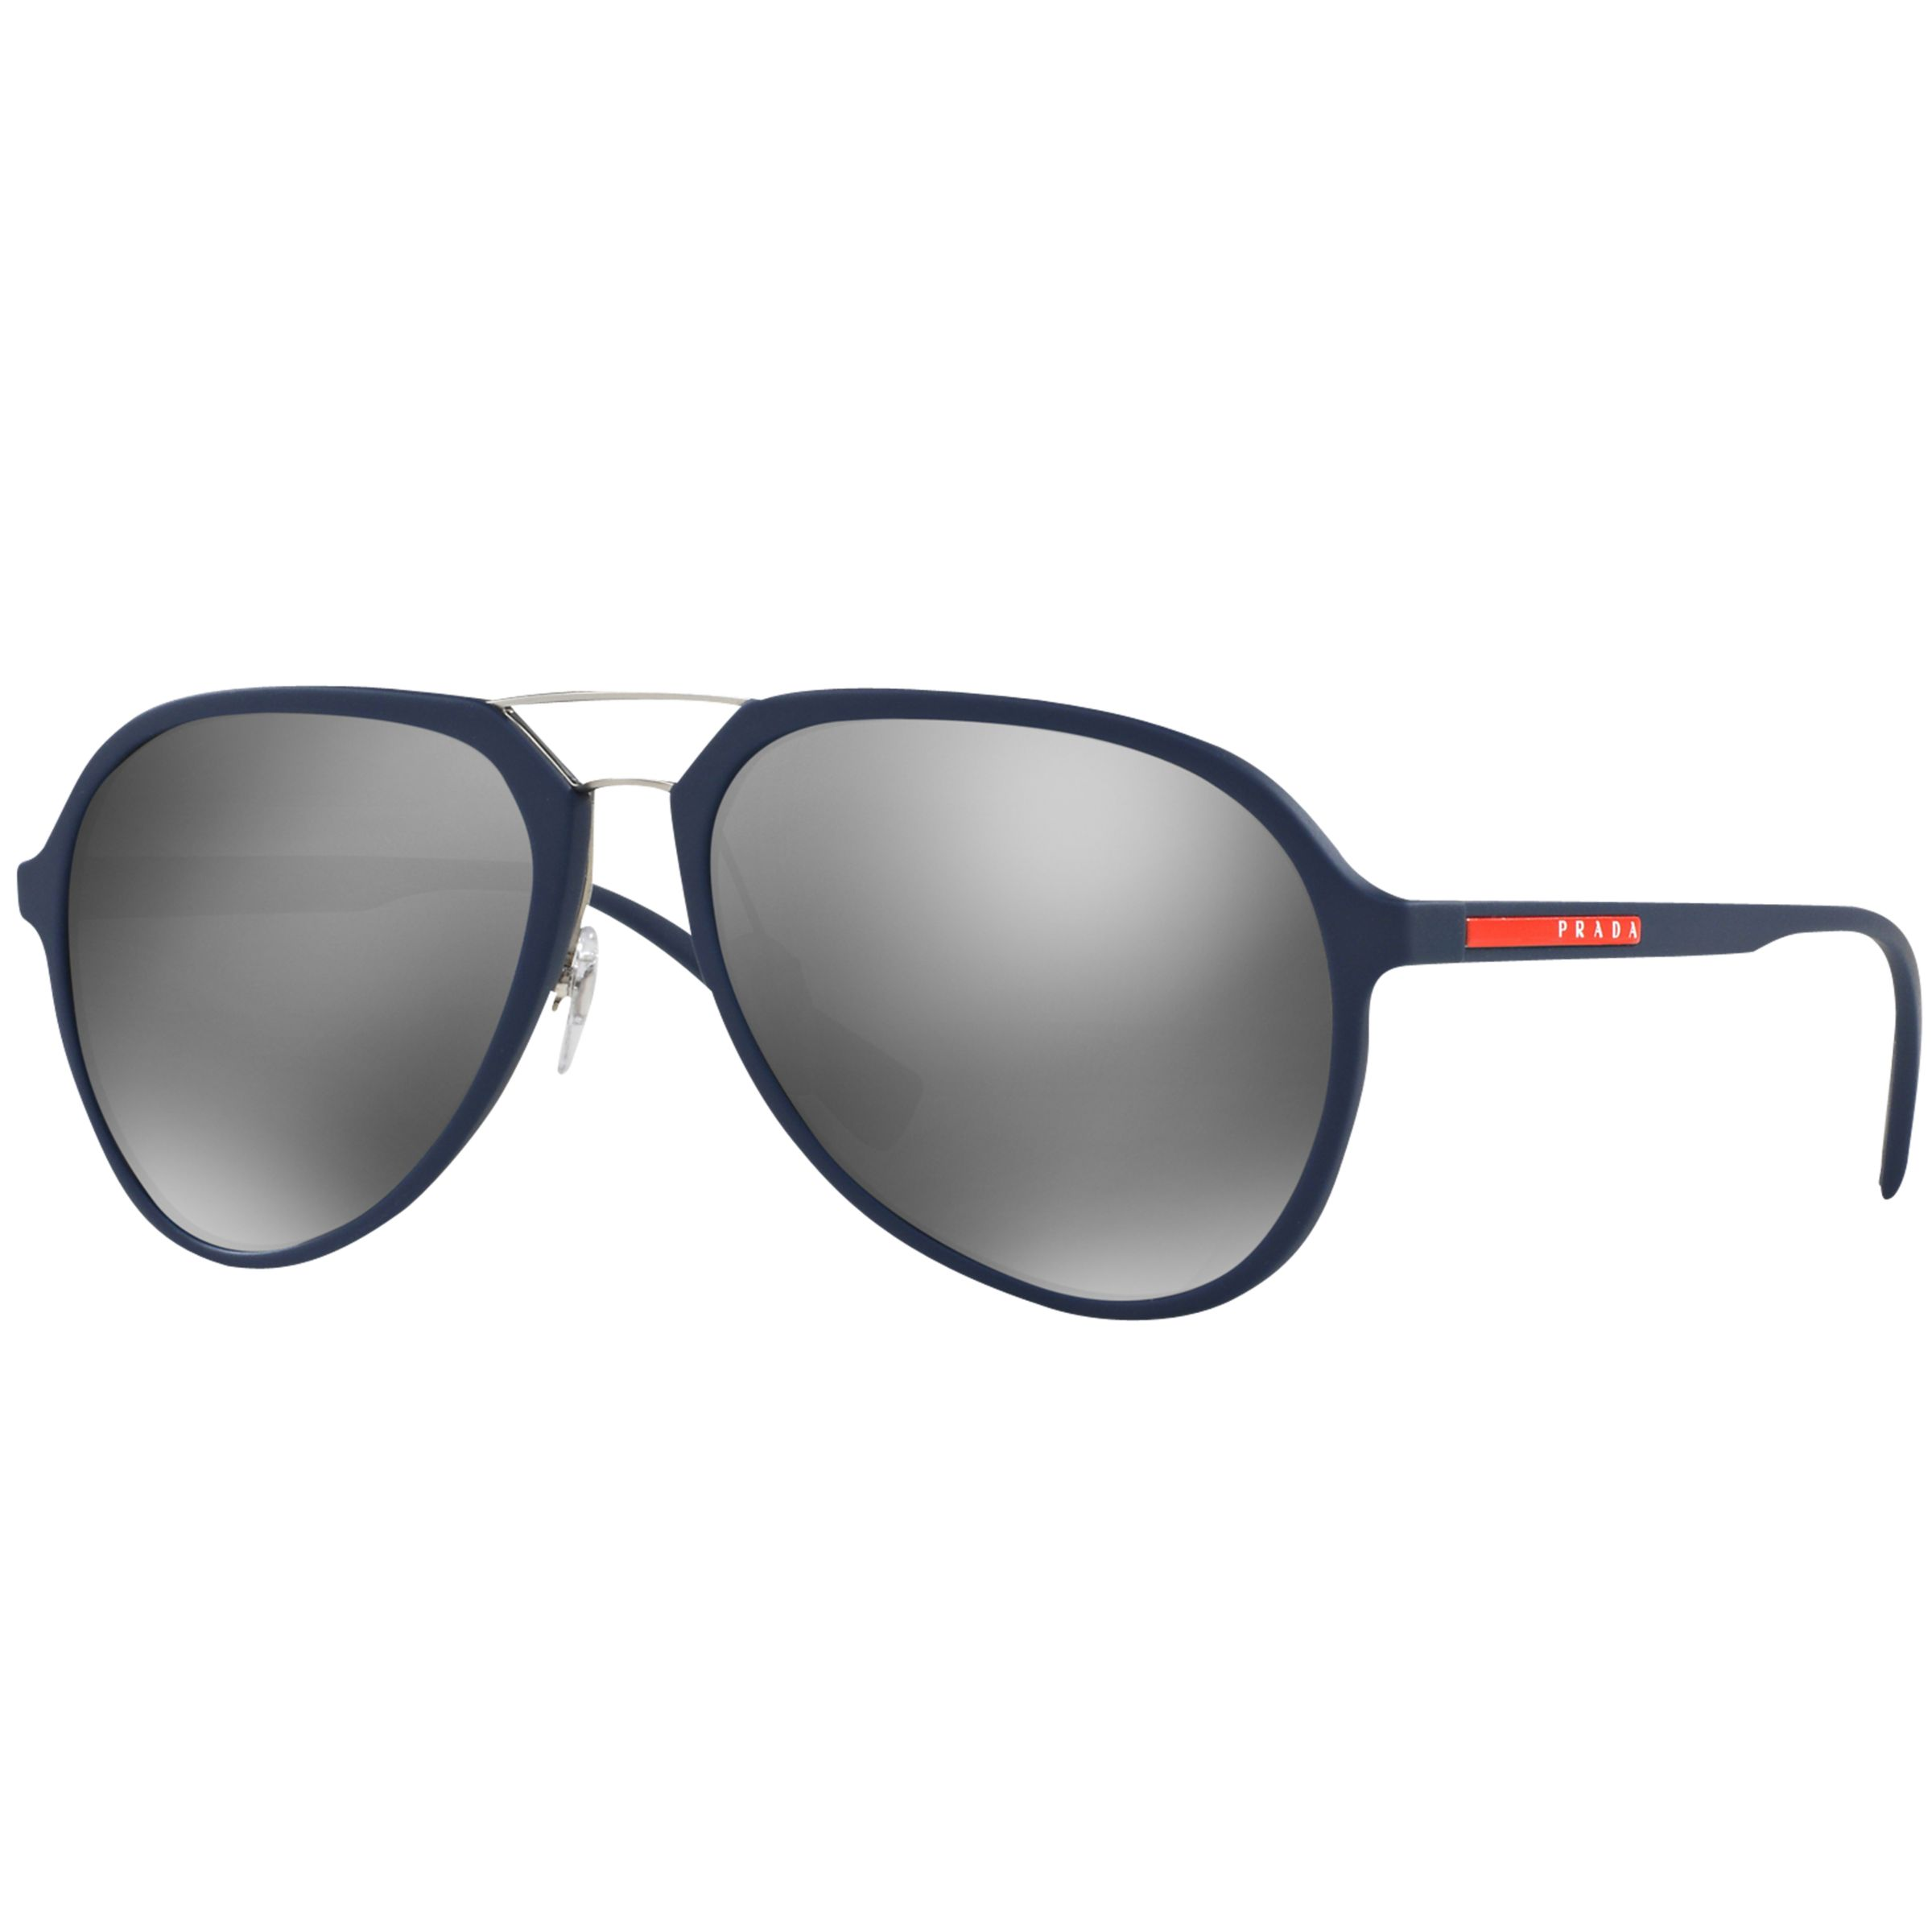 Prada Linea Rossa Prada Linea Rossa PR05RS Round Framed Sunglasses, Silver